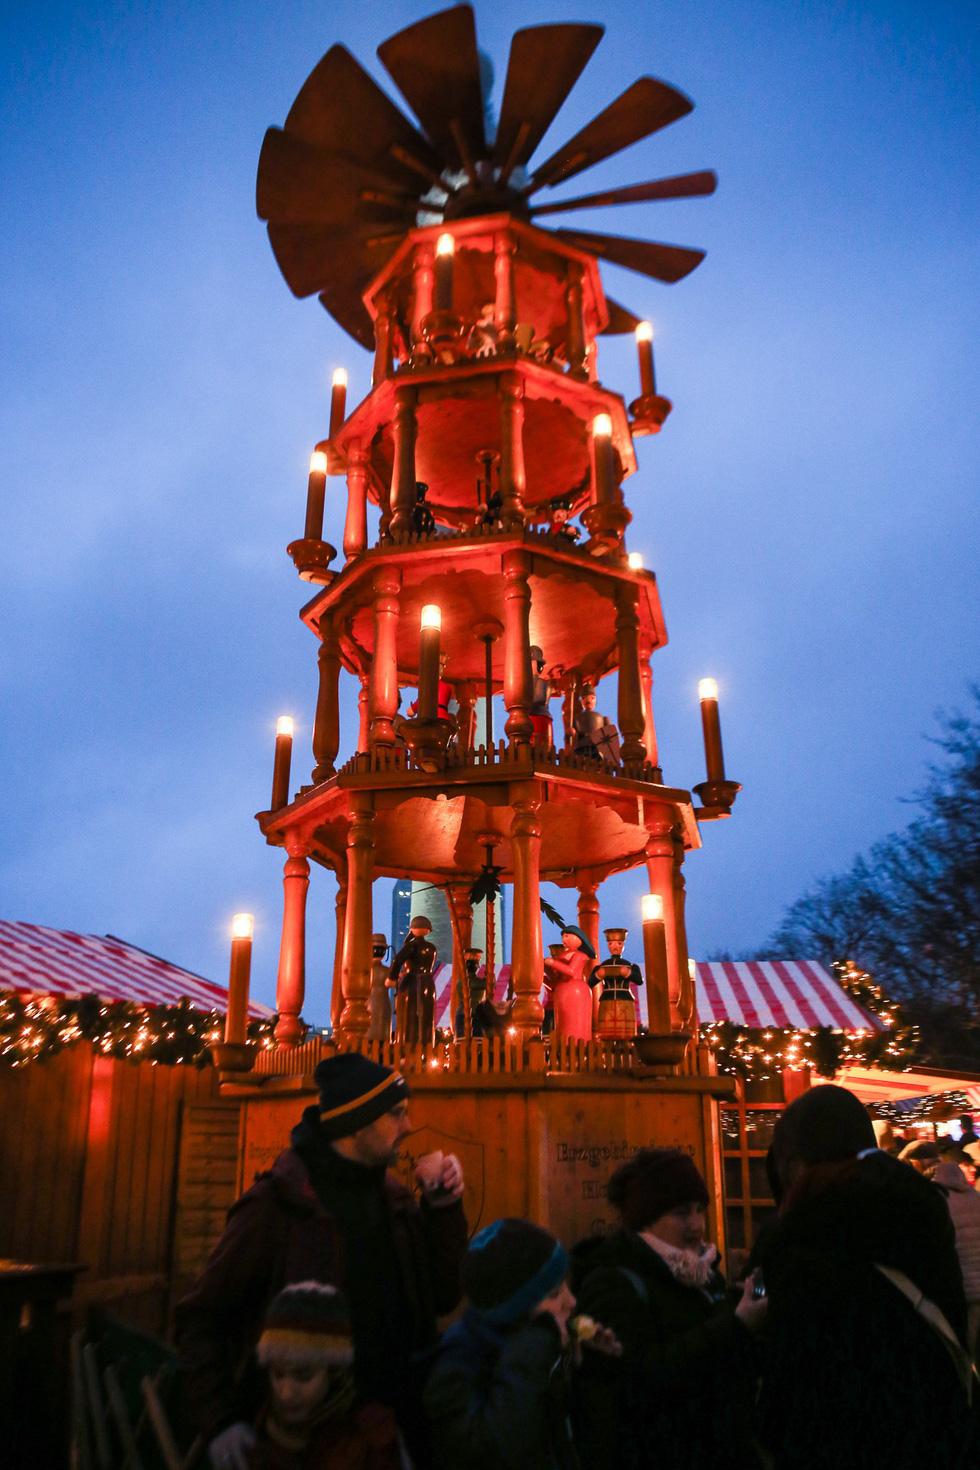 Đi chợ Giáng sinh trời Âu có gì vui? - Ảnh 14.